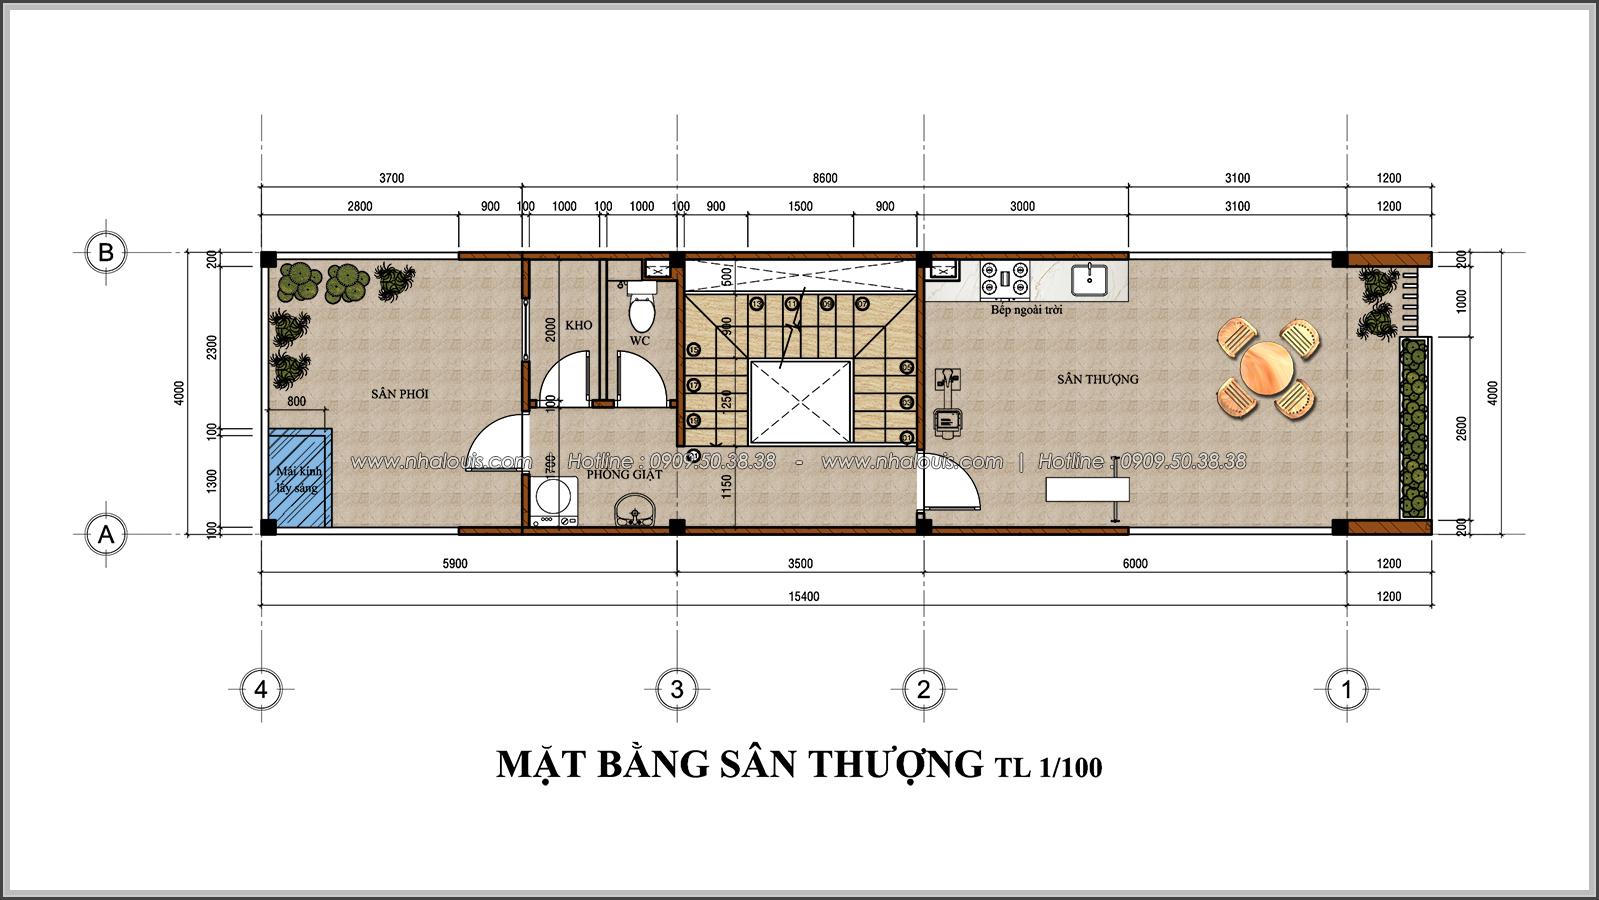 Thiết kế nhà đẹp 3 tầng chuẩn sang trọng tại Thủ Đức - 07